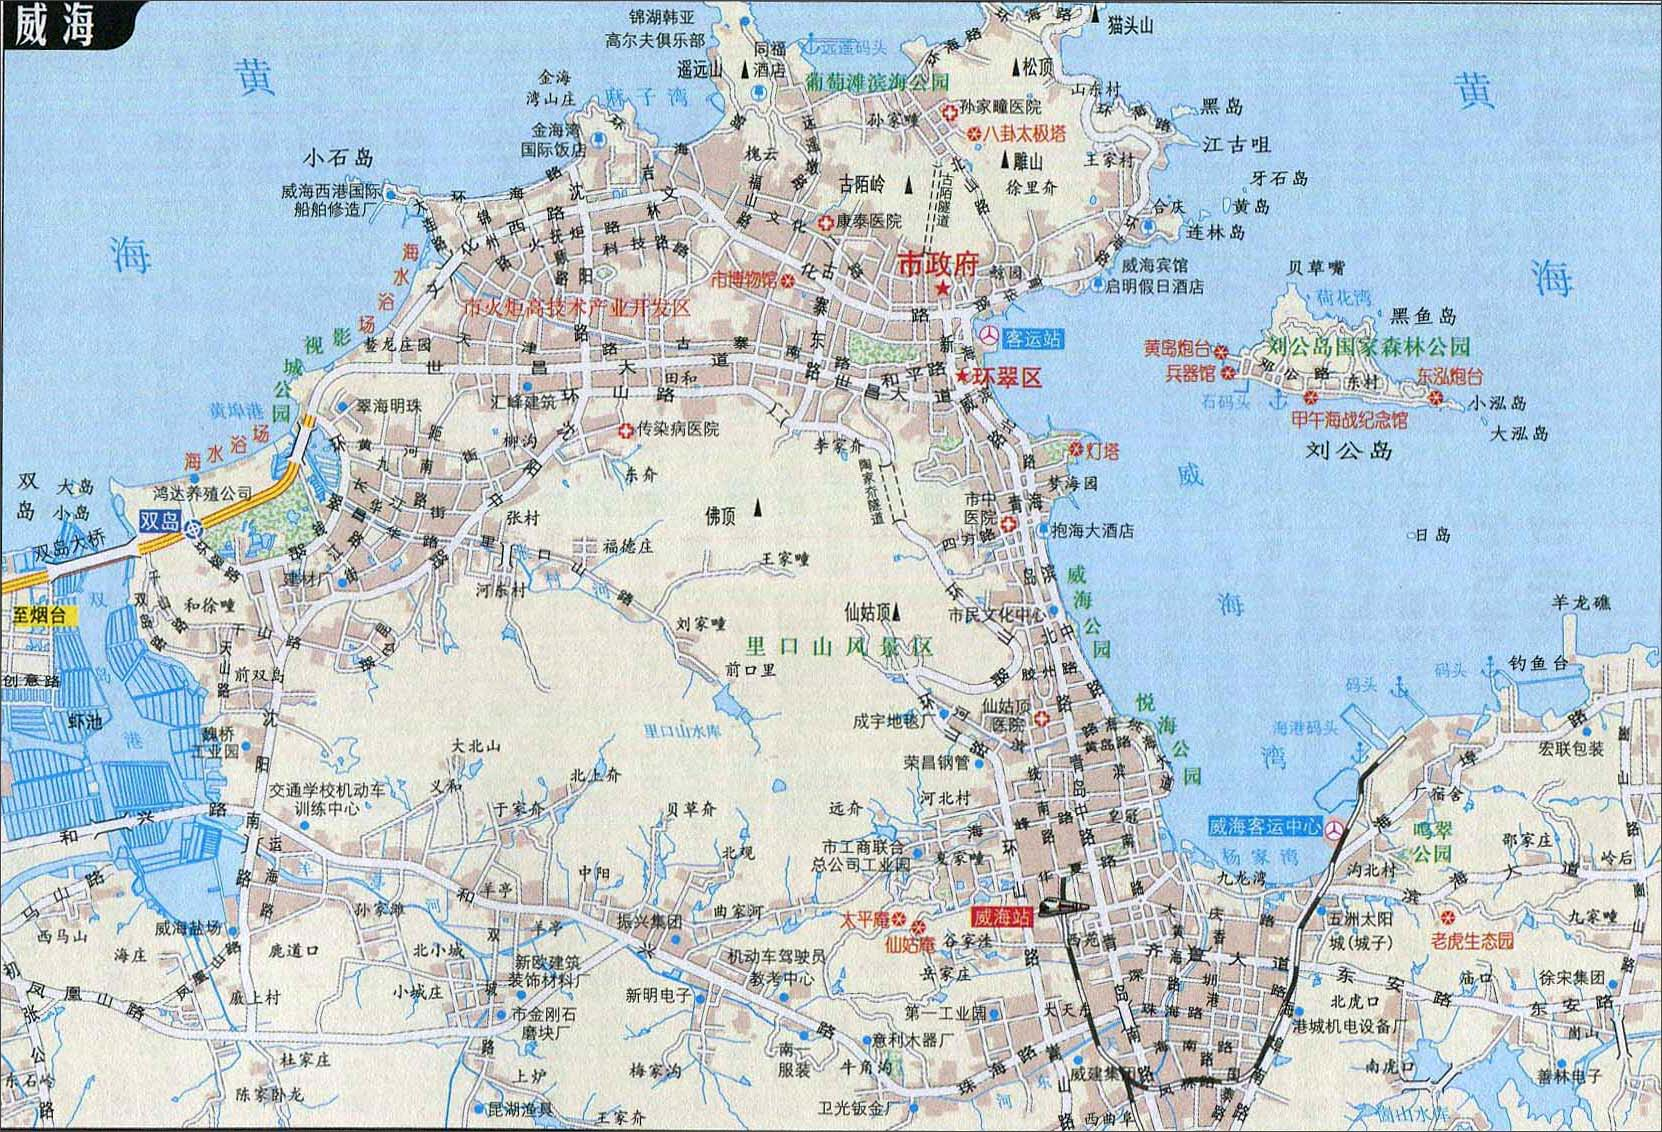 临沂地图交通图_威海自驾游地图_山东旅游地图库_地图窝